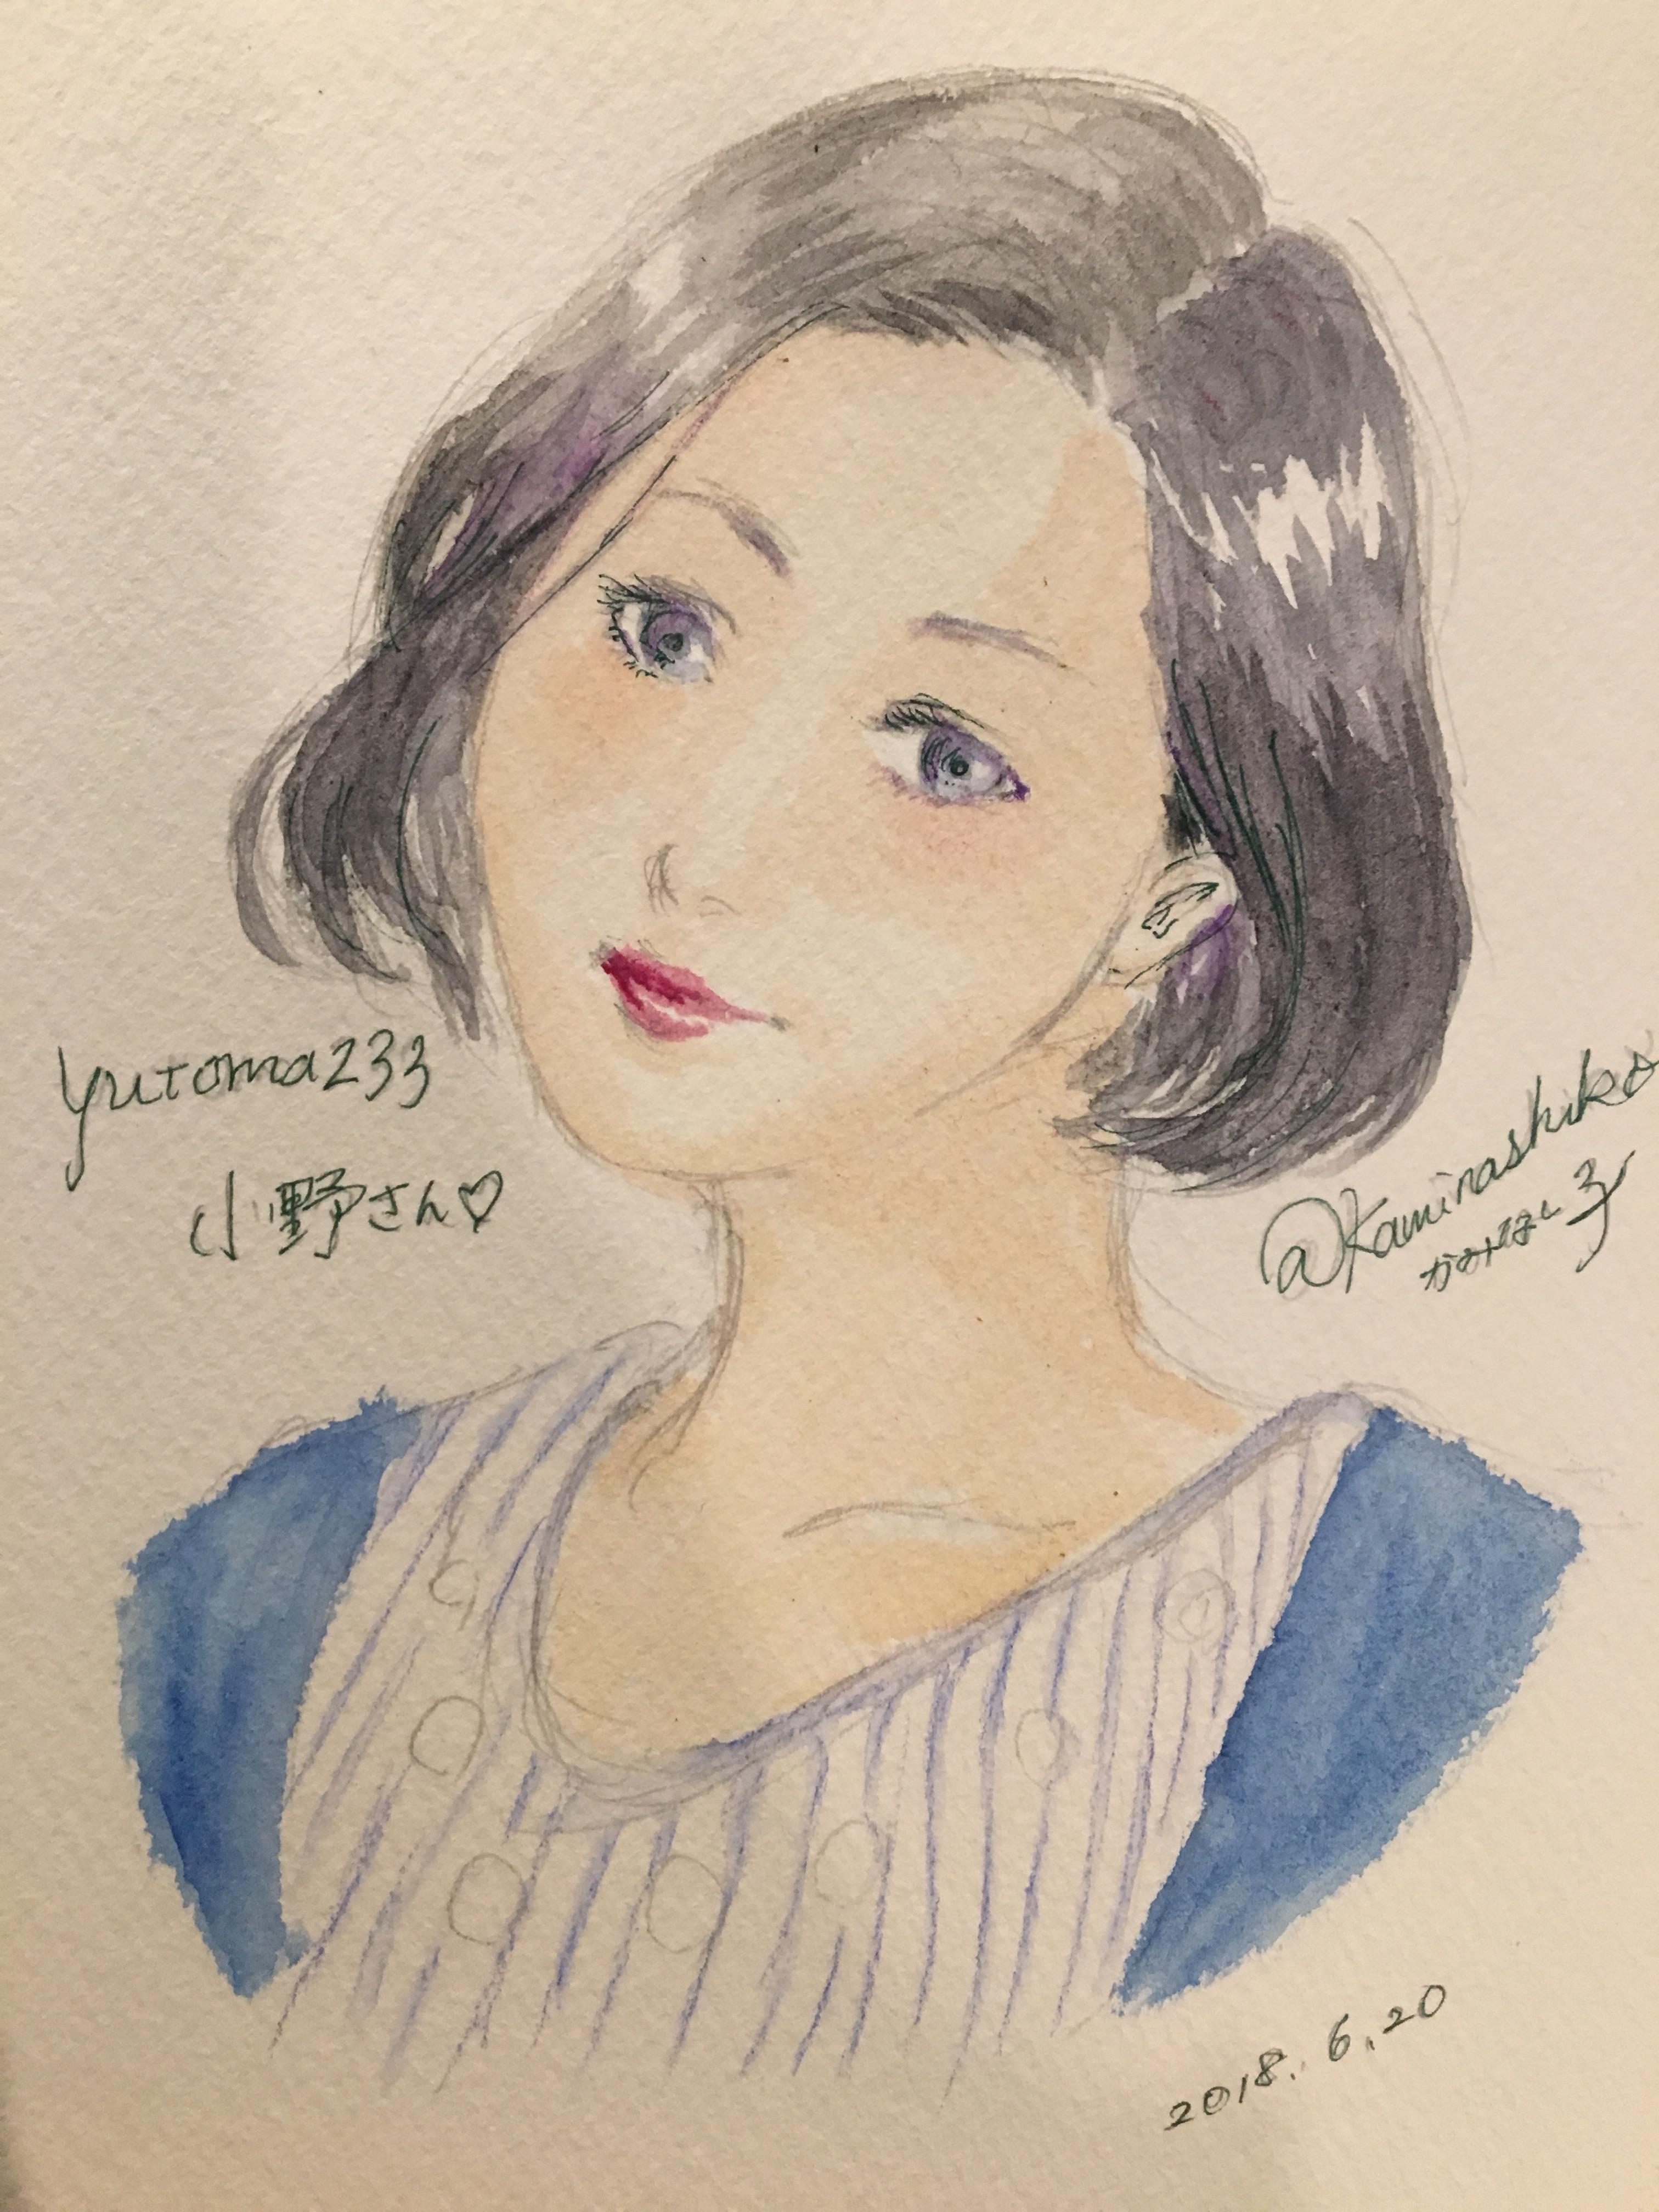 f:id:kaminashiko:20180625001518j:plain